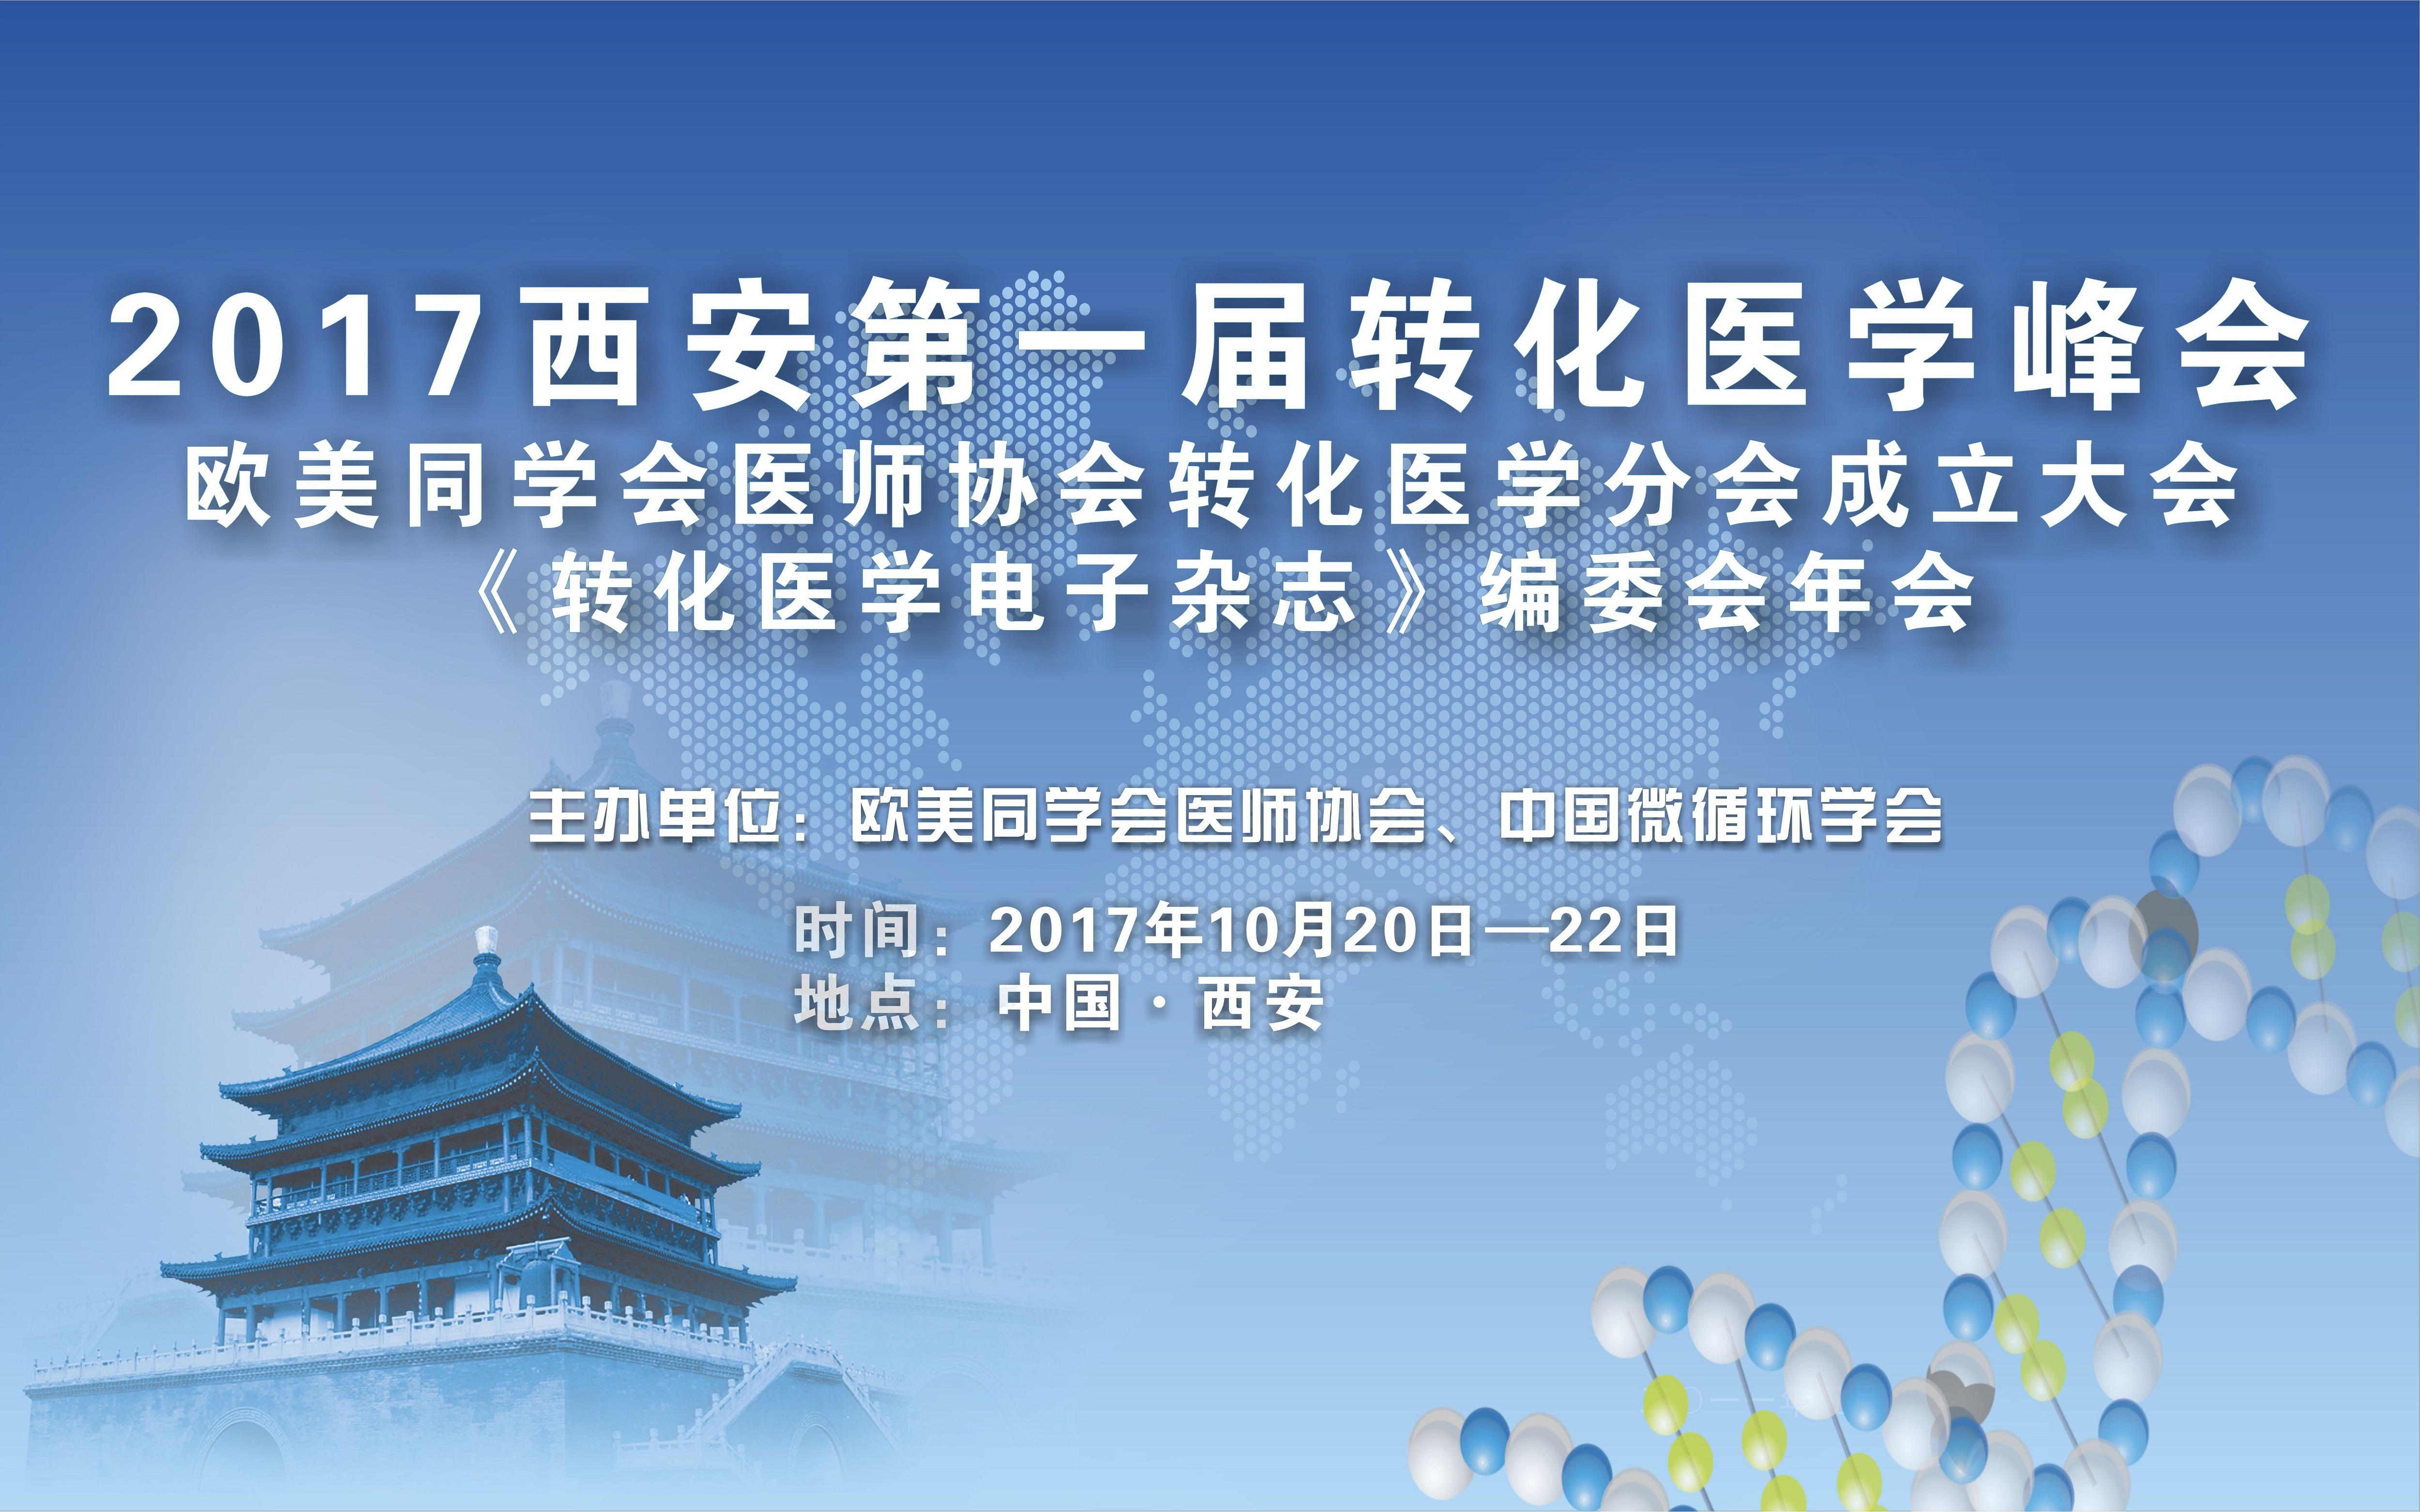 2017转化医学峰会暨杂志编委会年会